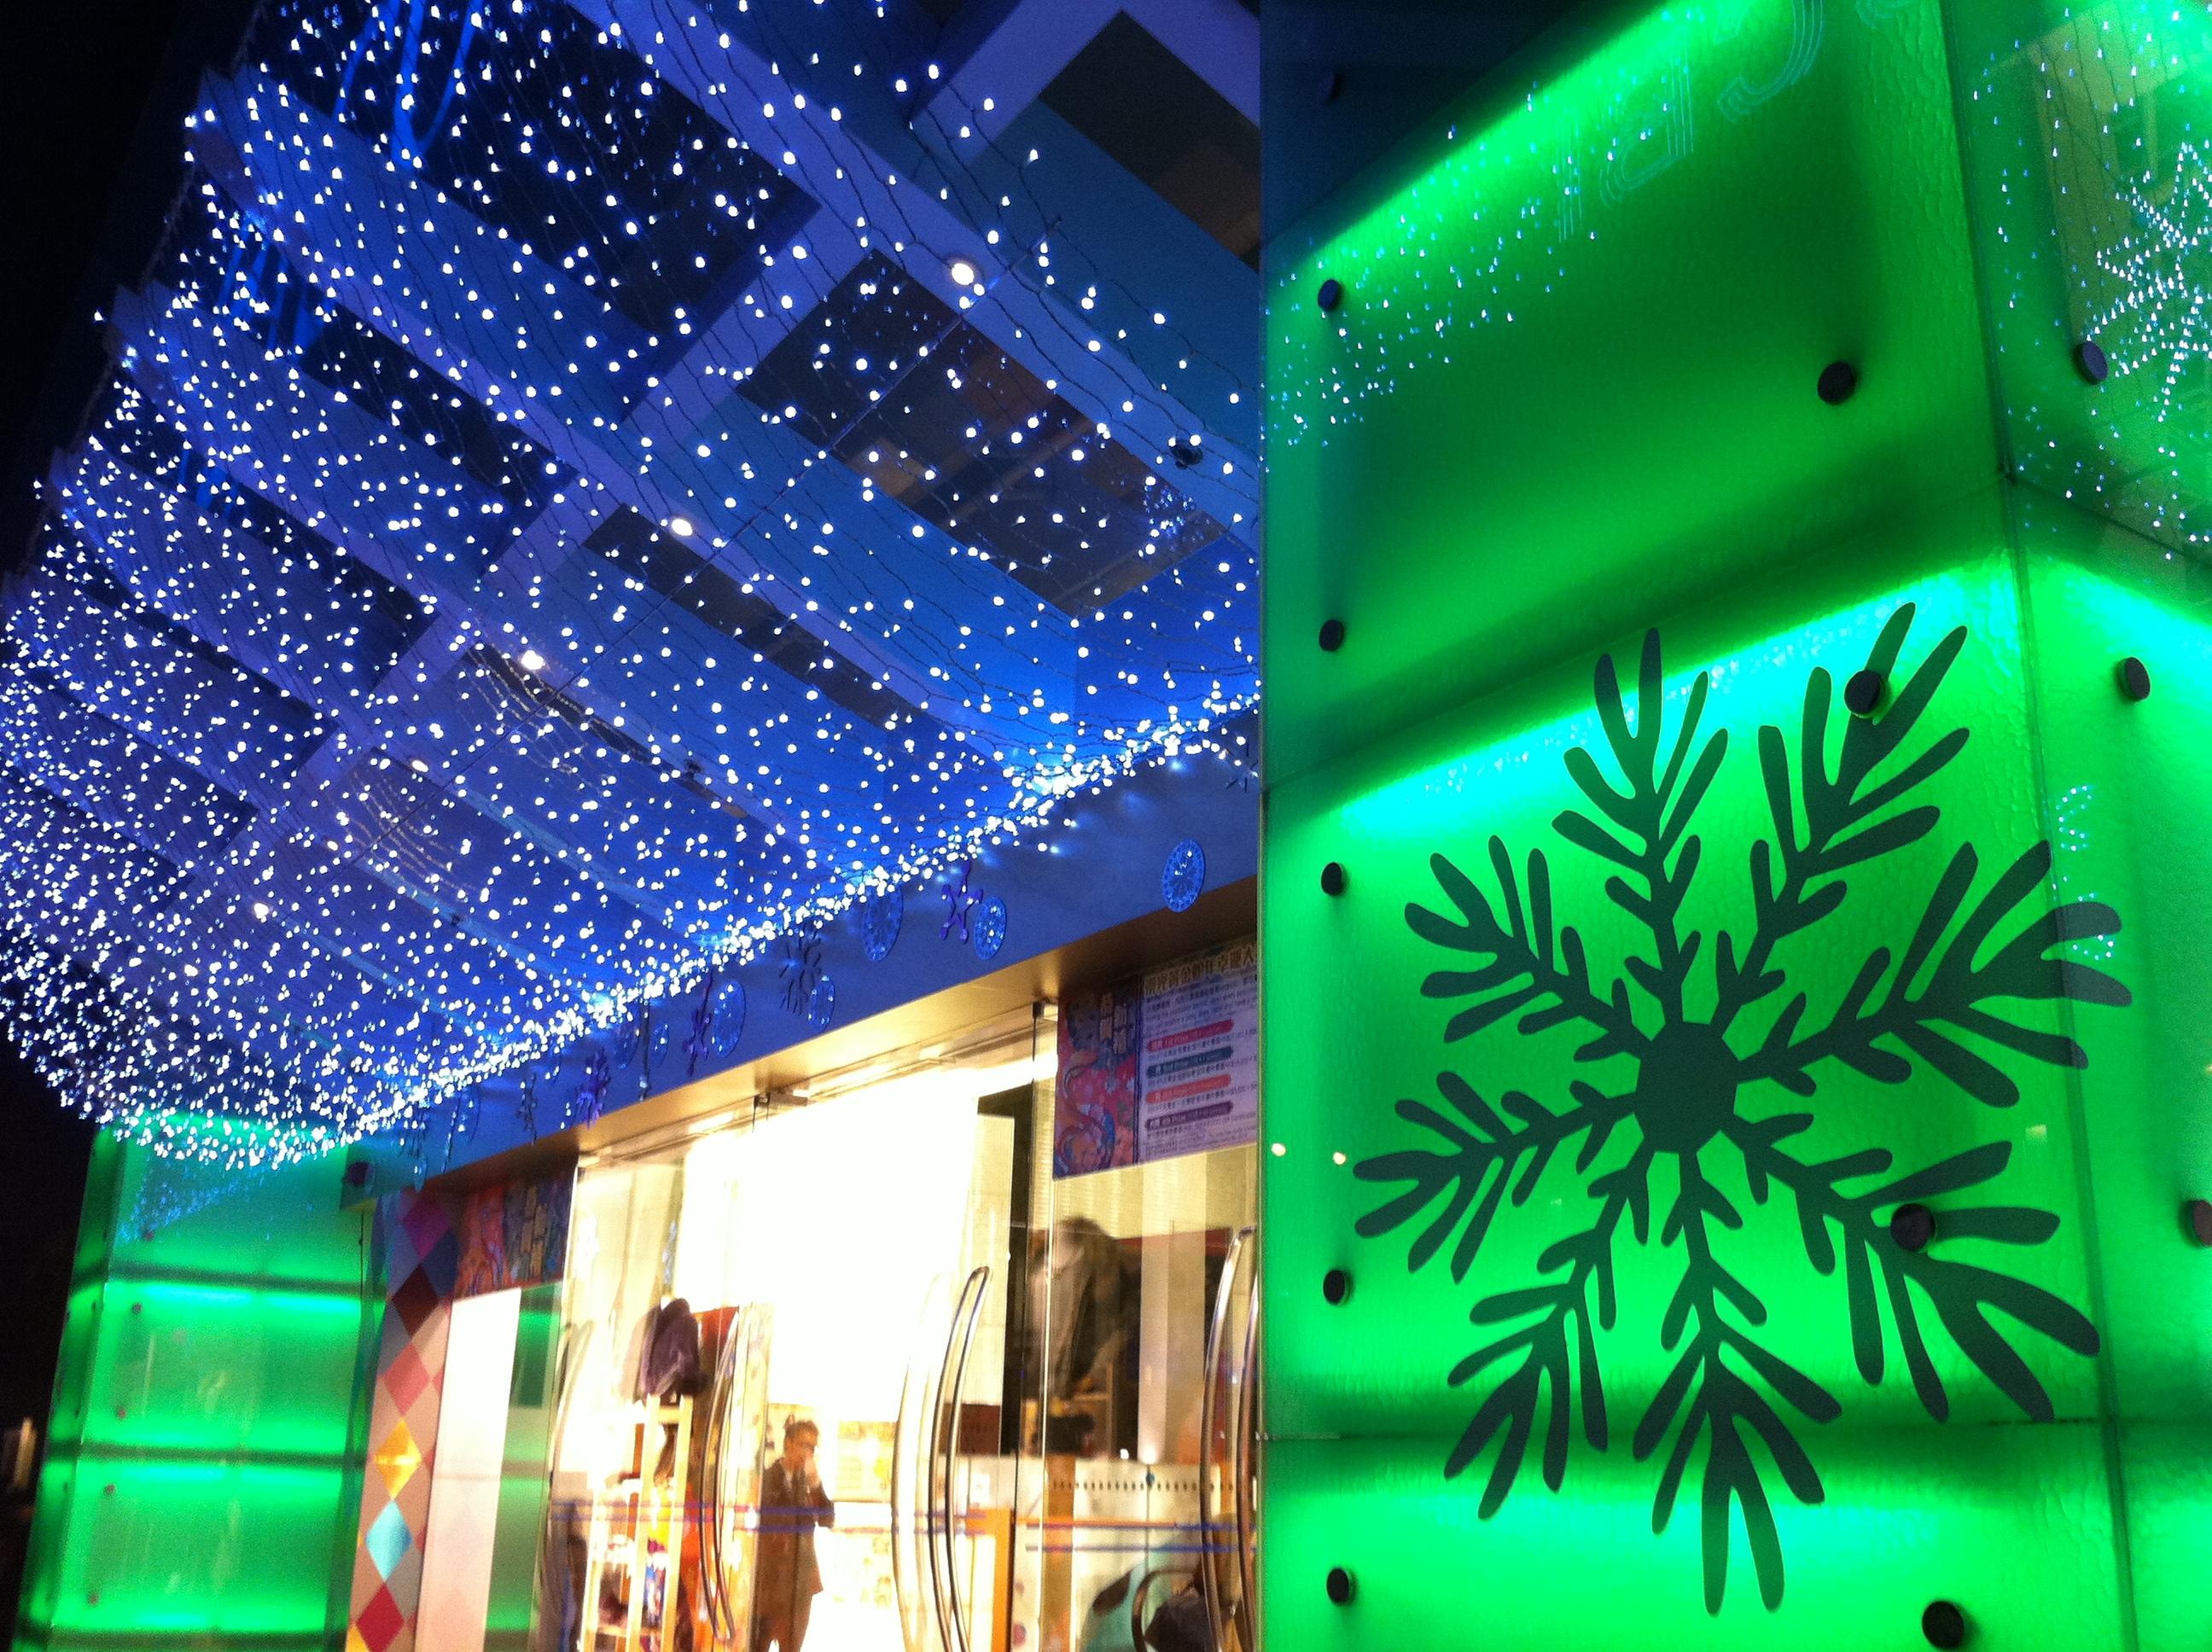 filehk tst night salisbury road sogo led light xmas decor jan 2013